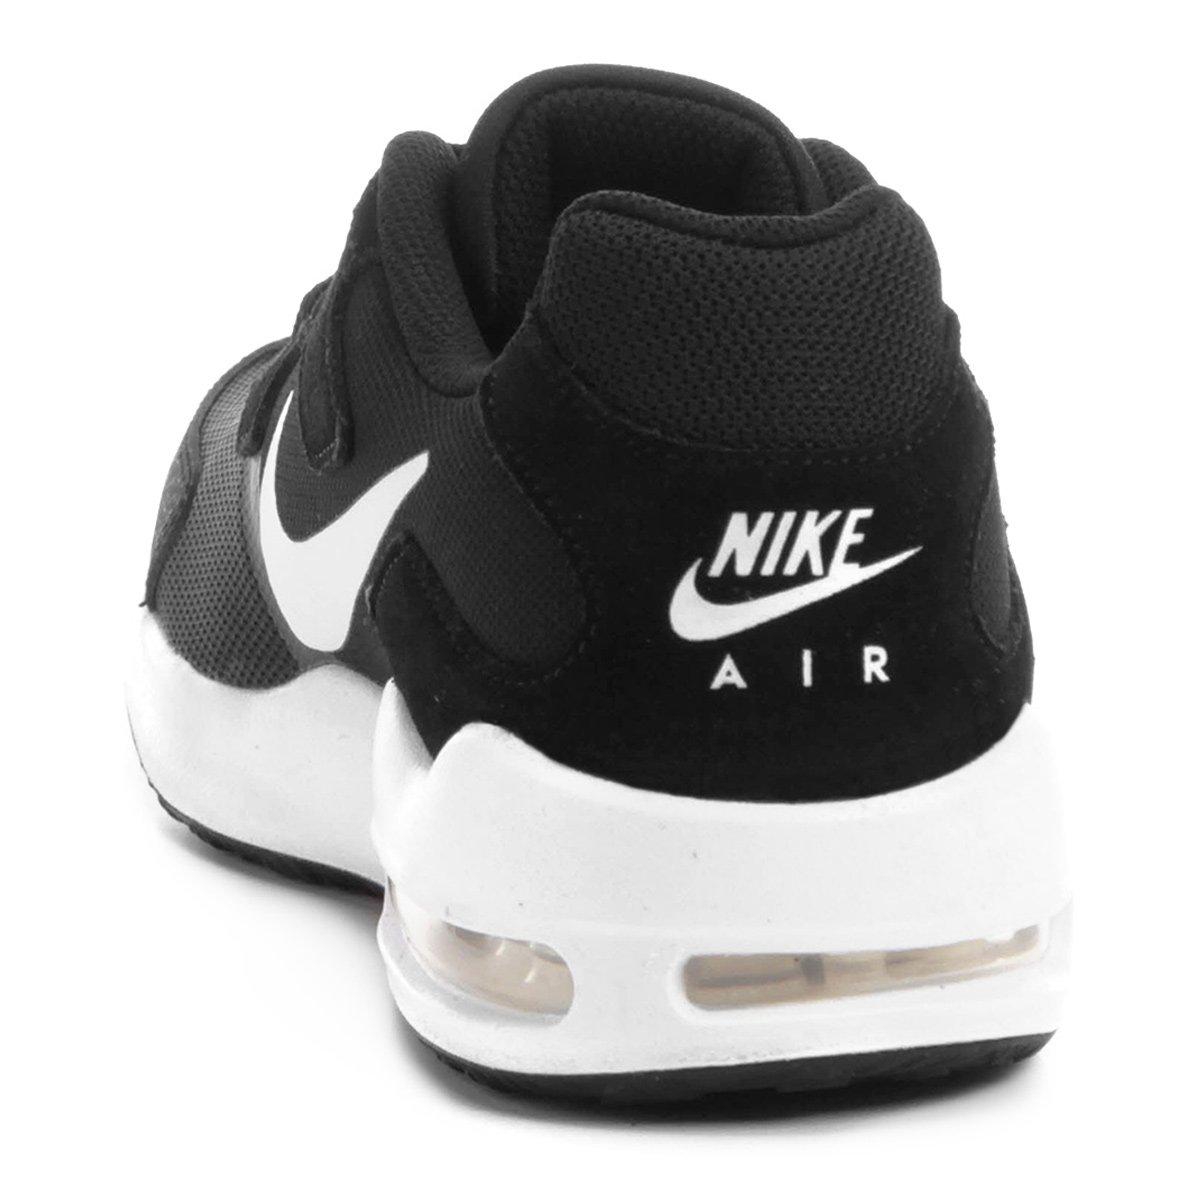 706f9fab5badf Tênis Nike Air Max Guile Masculino - Tam: 41 - Shopping TudoAzul